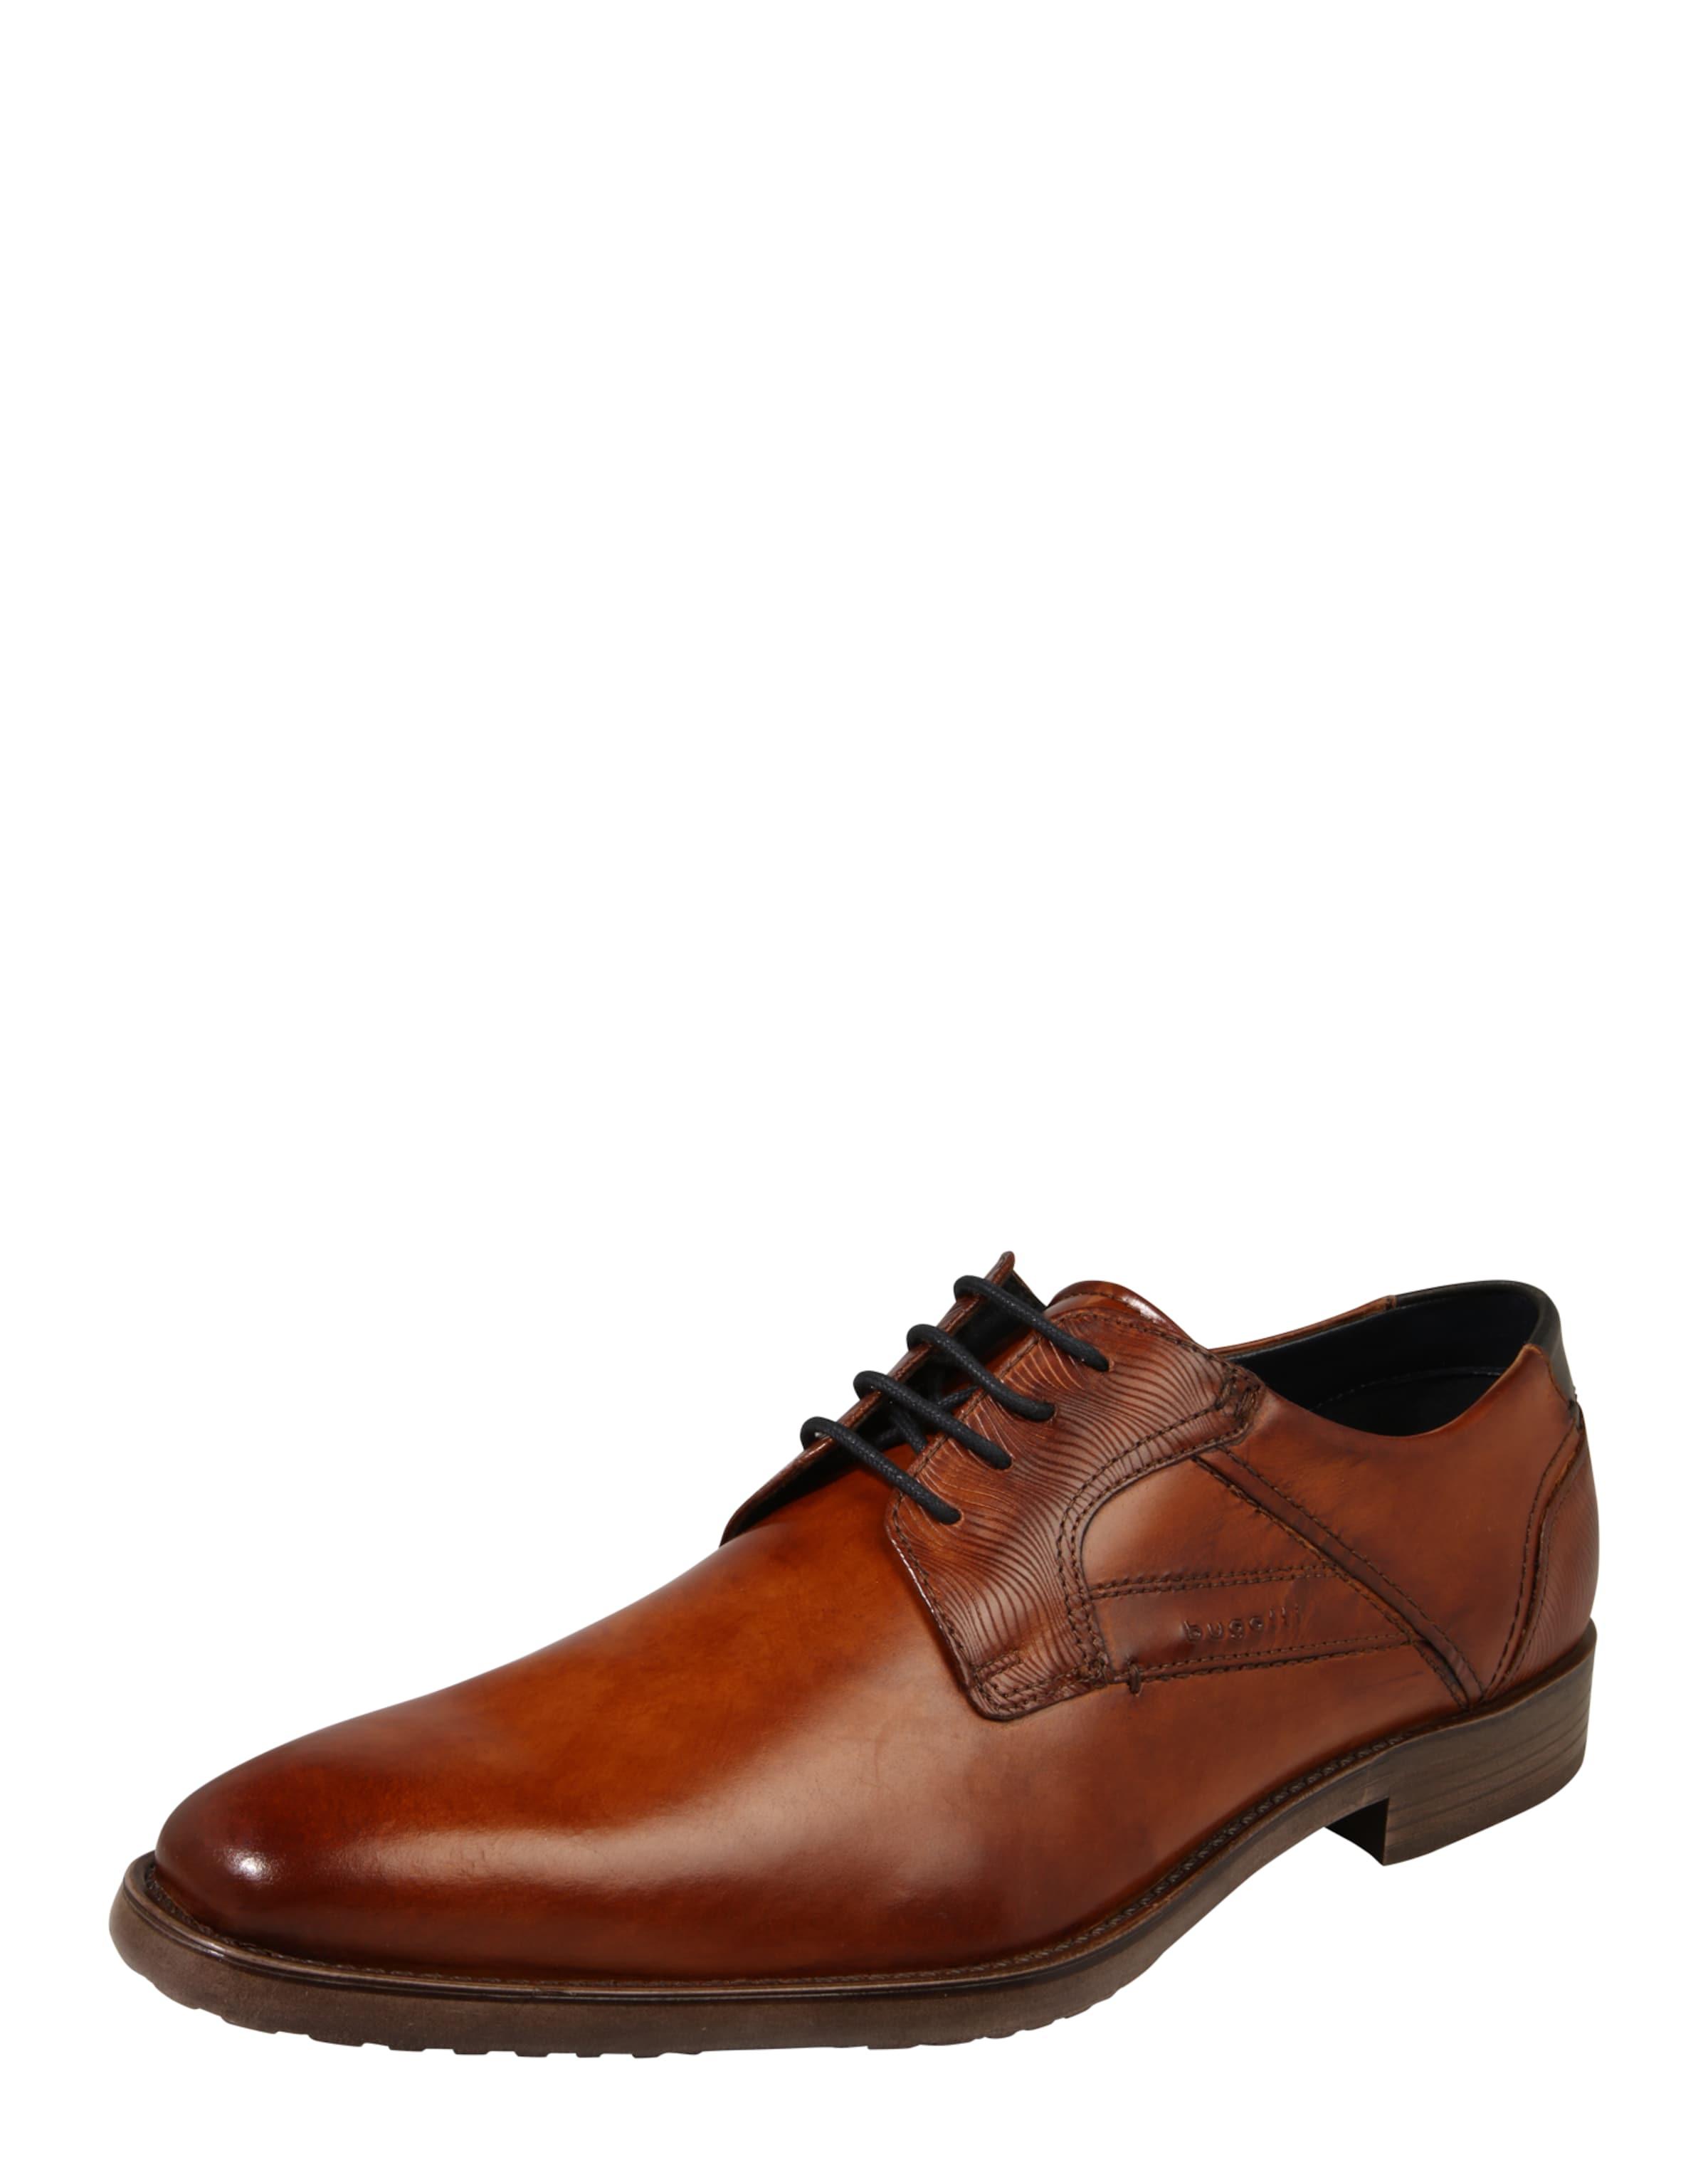 bugatti Leder-Schnürer Günstige und langlebige Schuhe